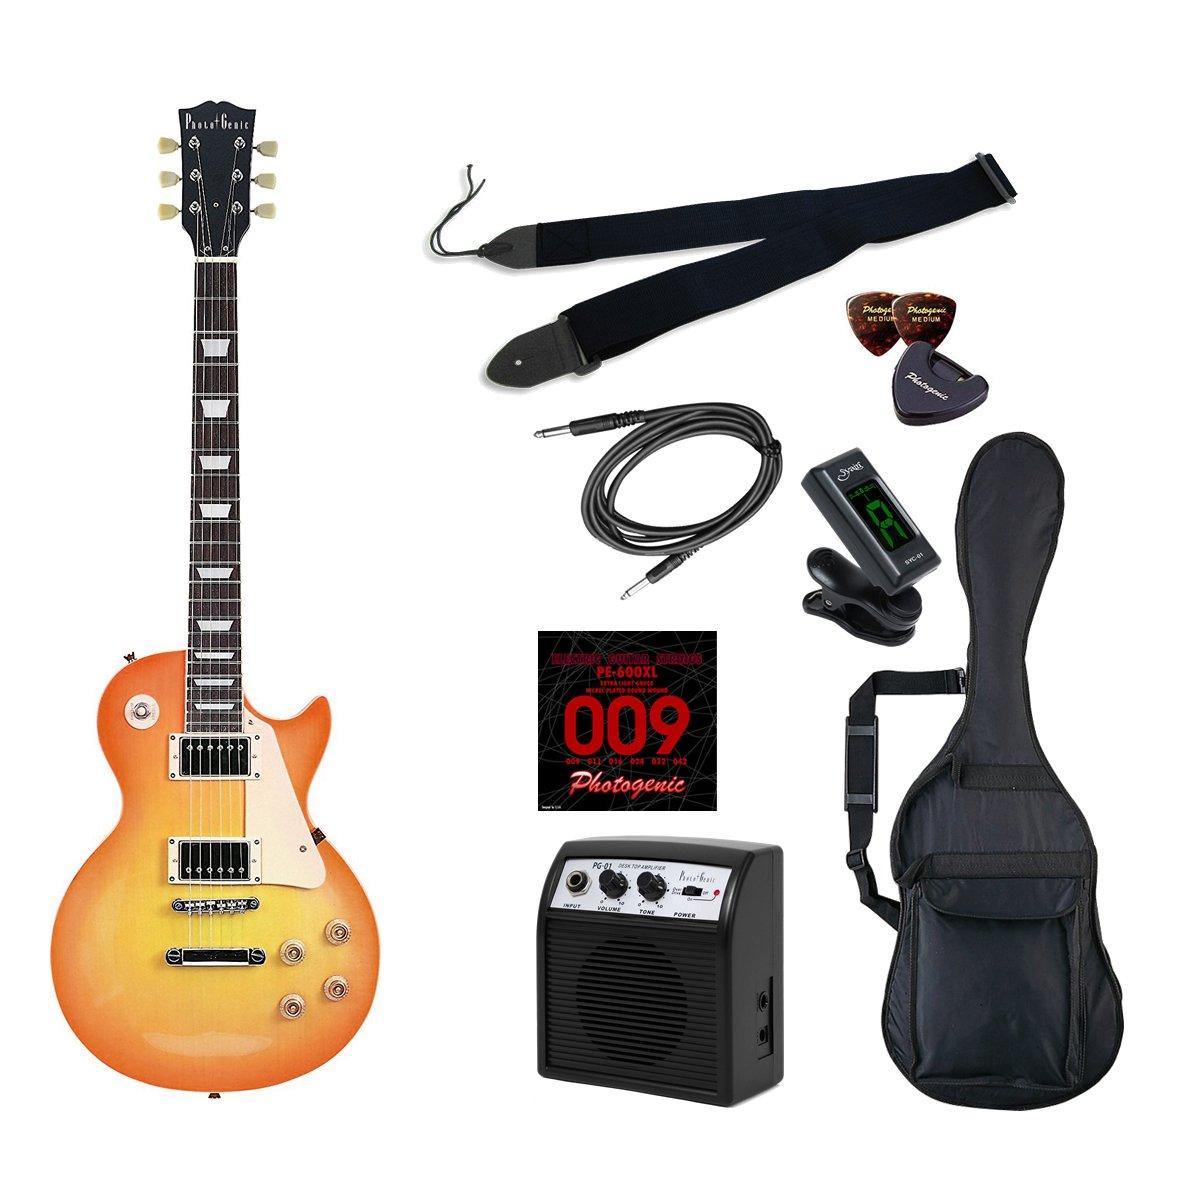 PhotoGenic エレキギター 初心者入門ライトセット レスポールタイプ LP-260/HB ハニーバースト B01GCPBZB4  ハニーバースト